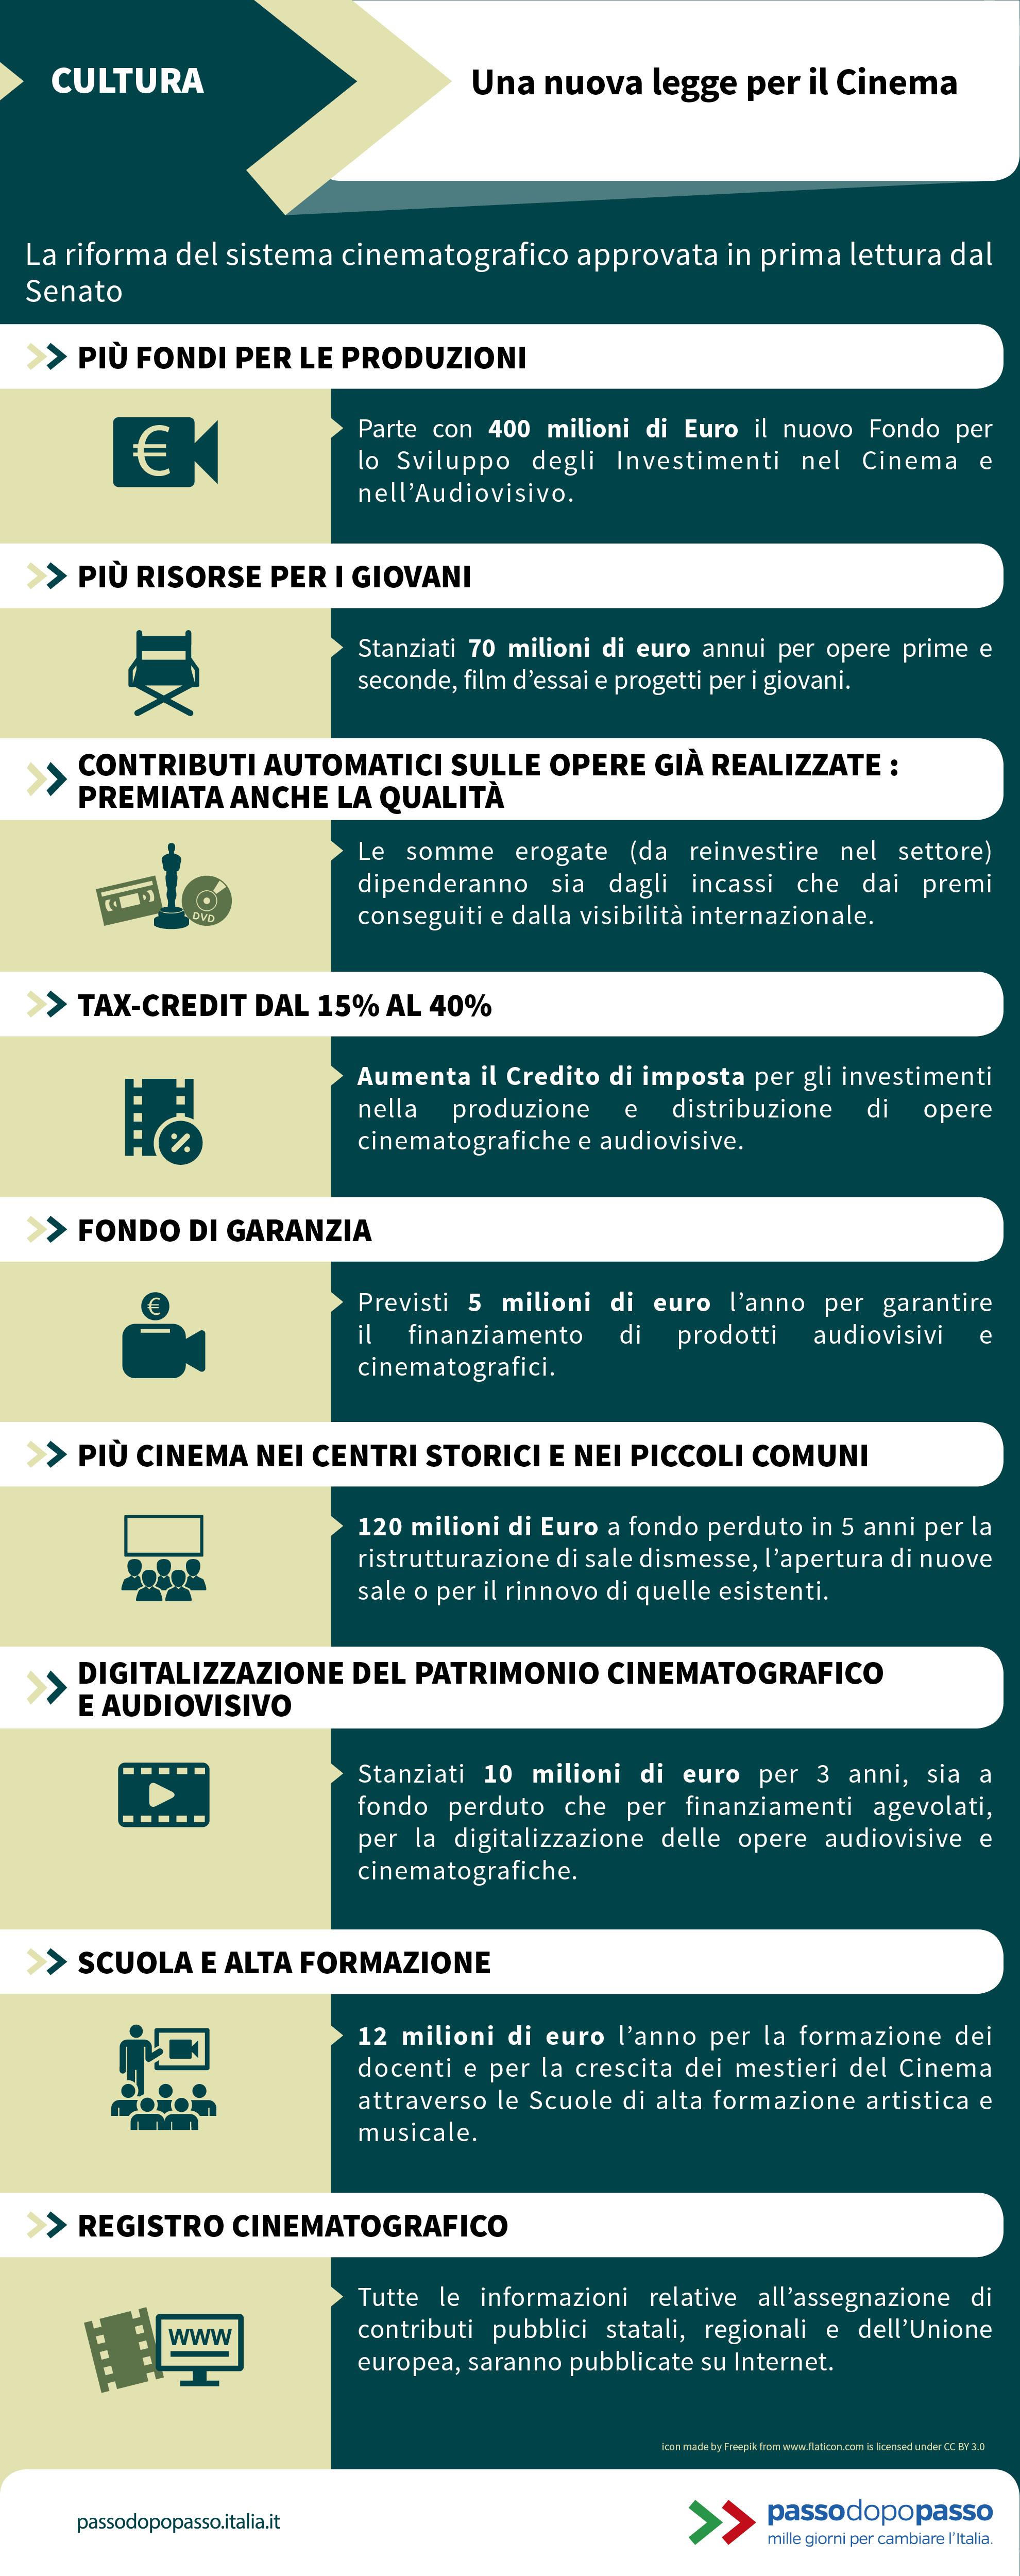 Infografica: Una nuova legge per il Cinema